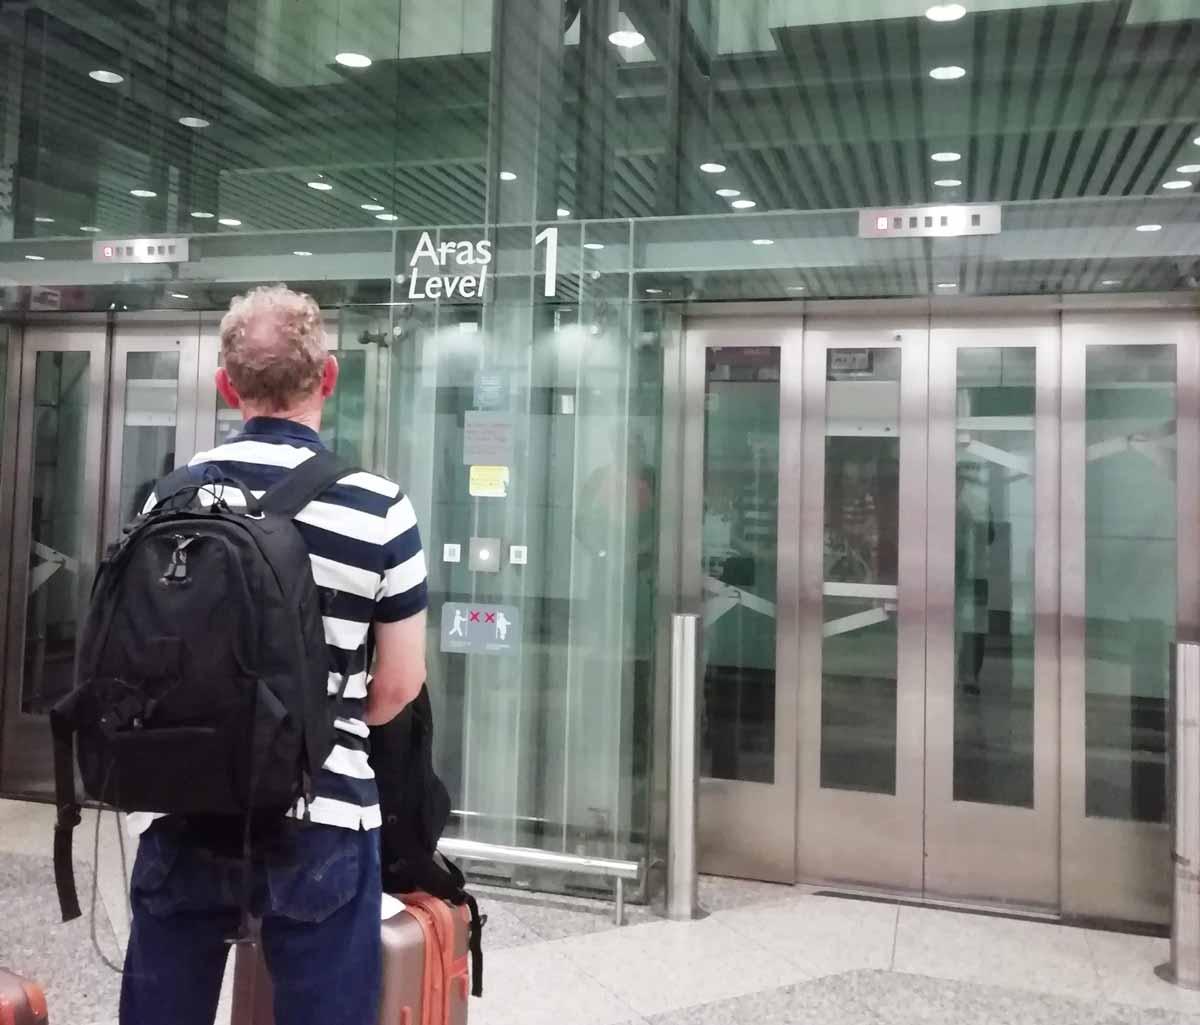 エレベーターを使うと便利